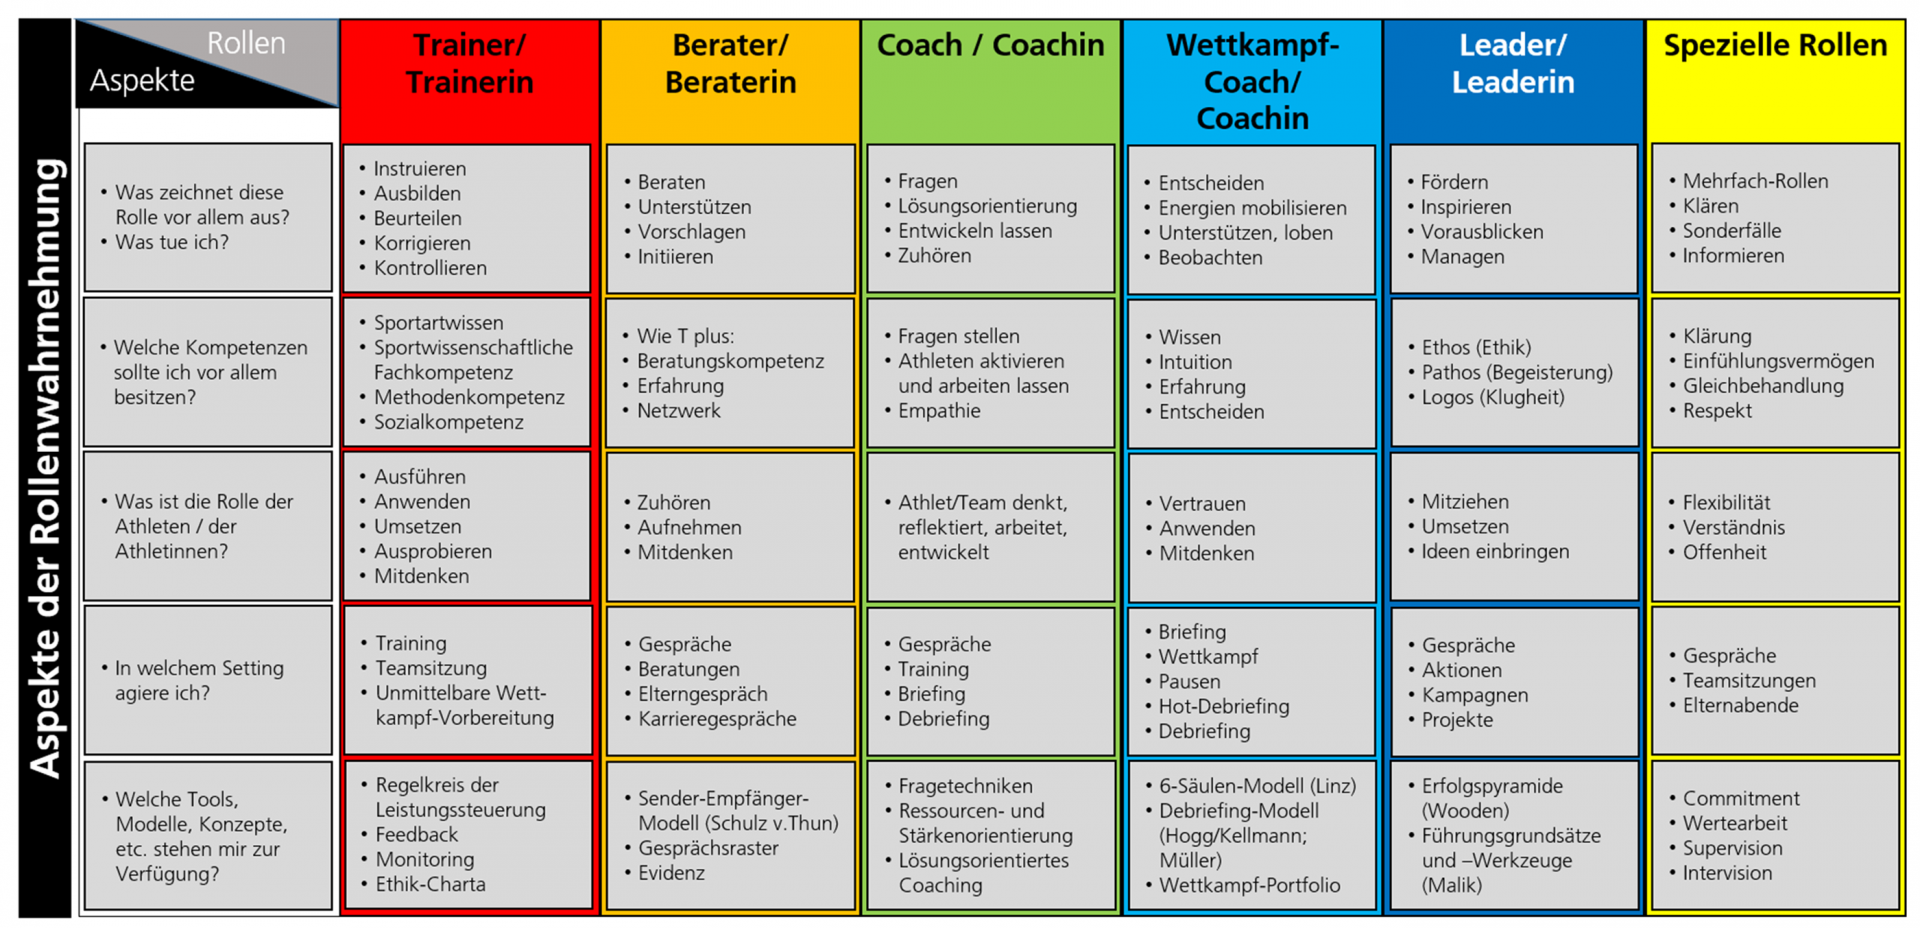 Übersicht. Rollen eines Trainers im Spitzensport mit Erläuterungen.